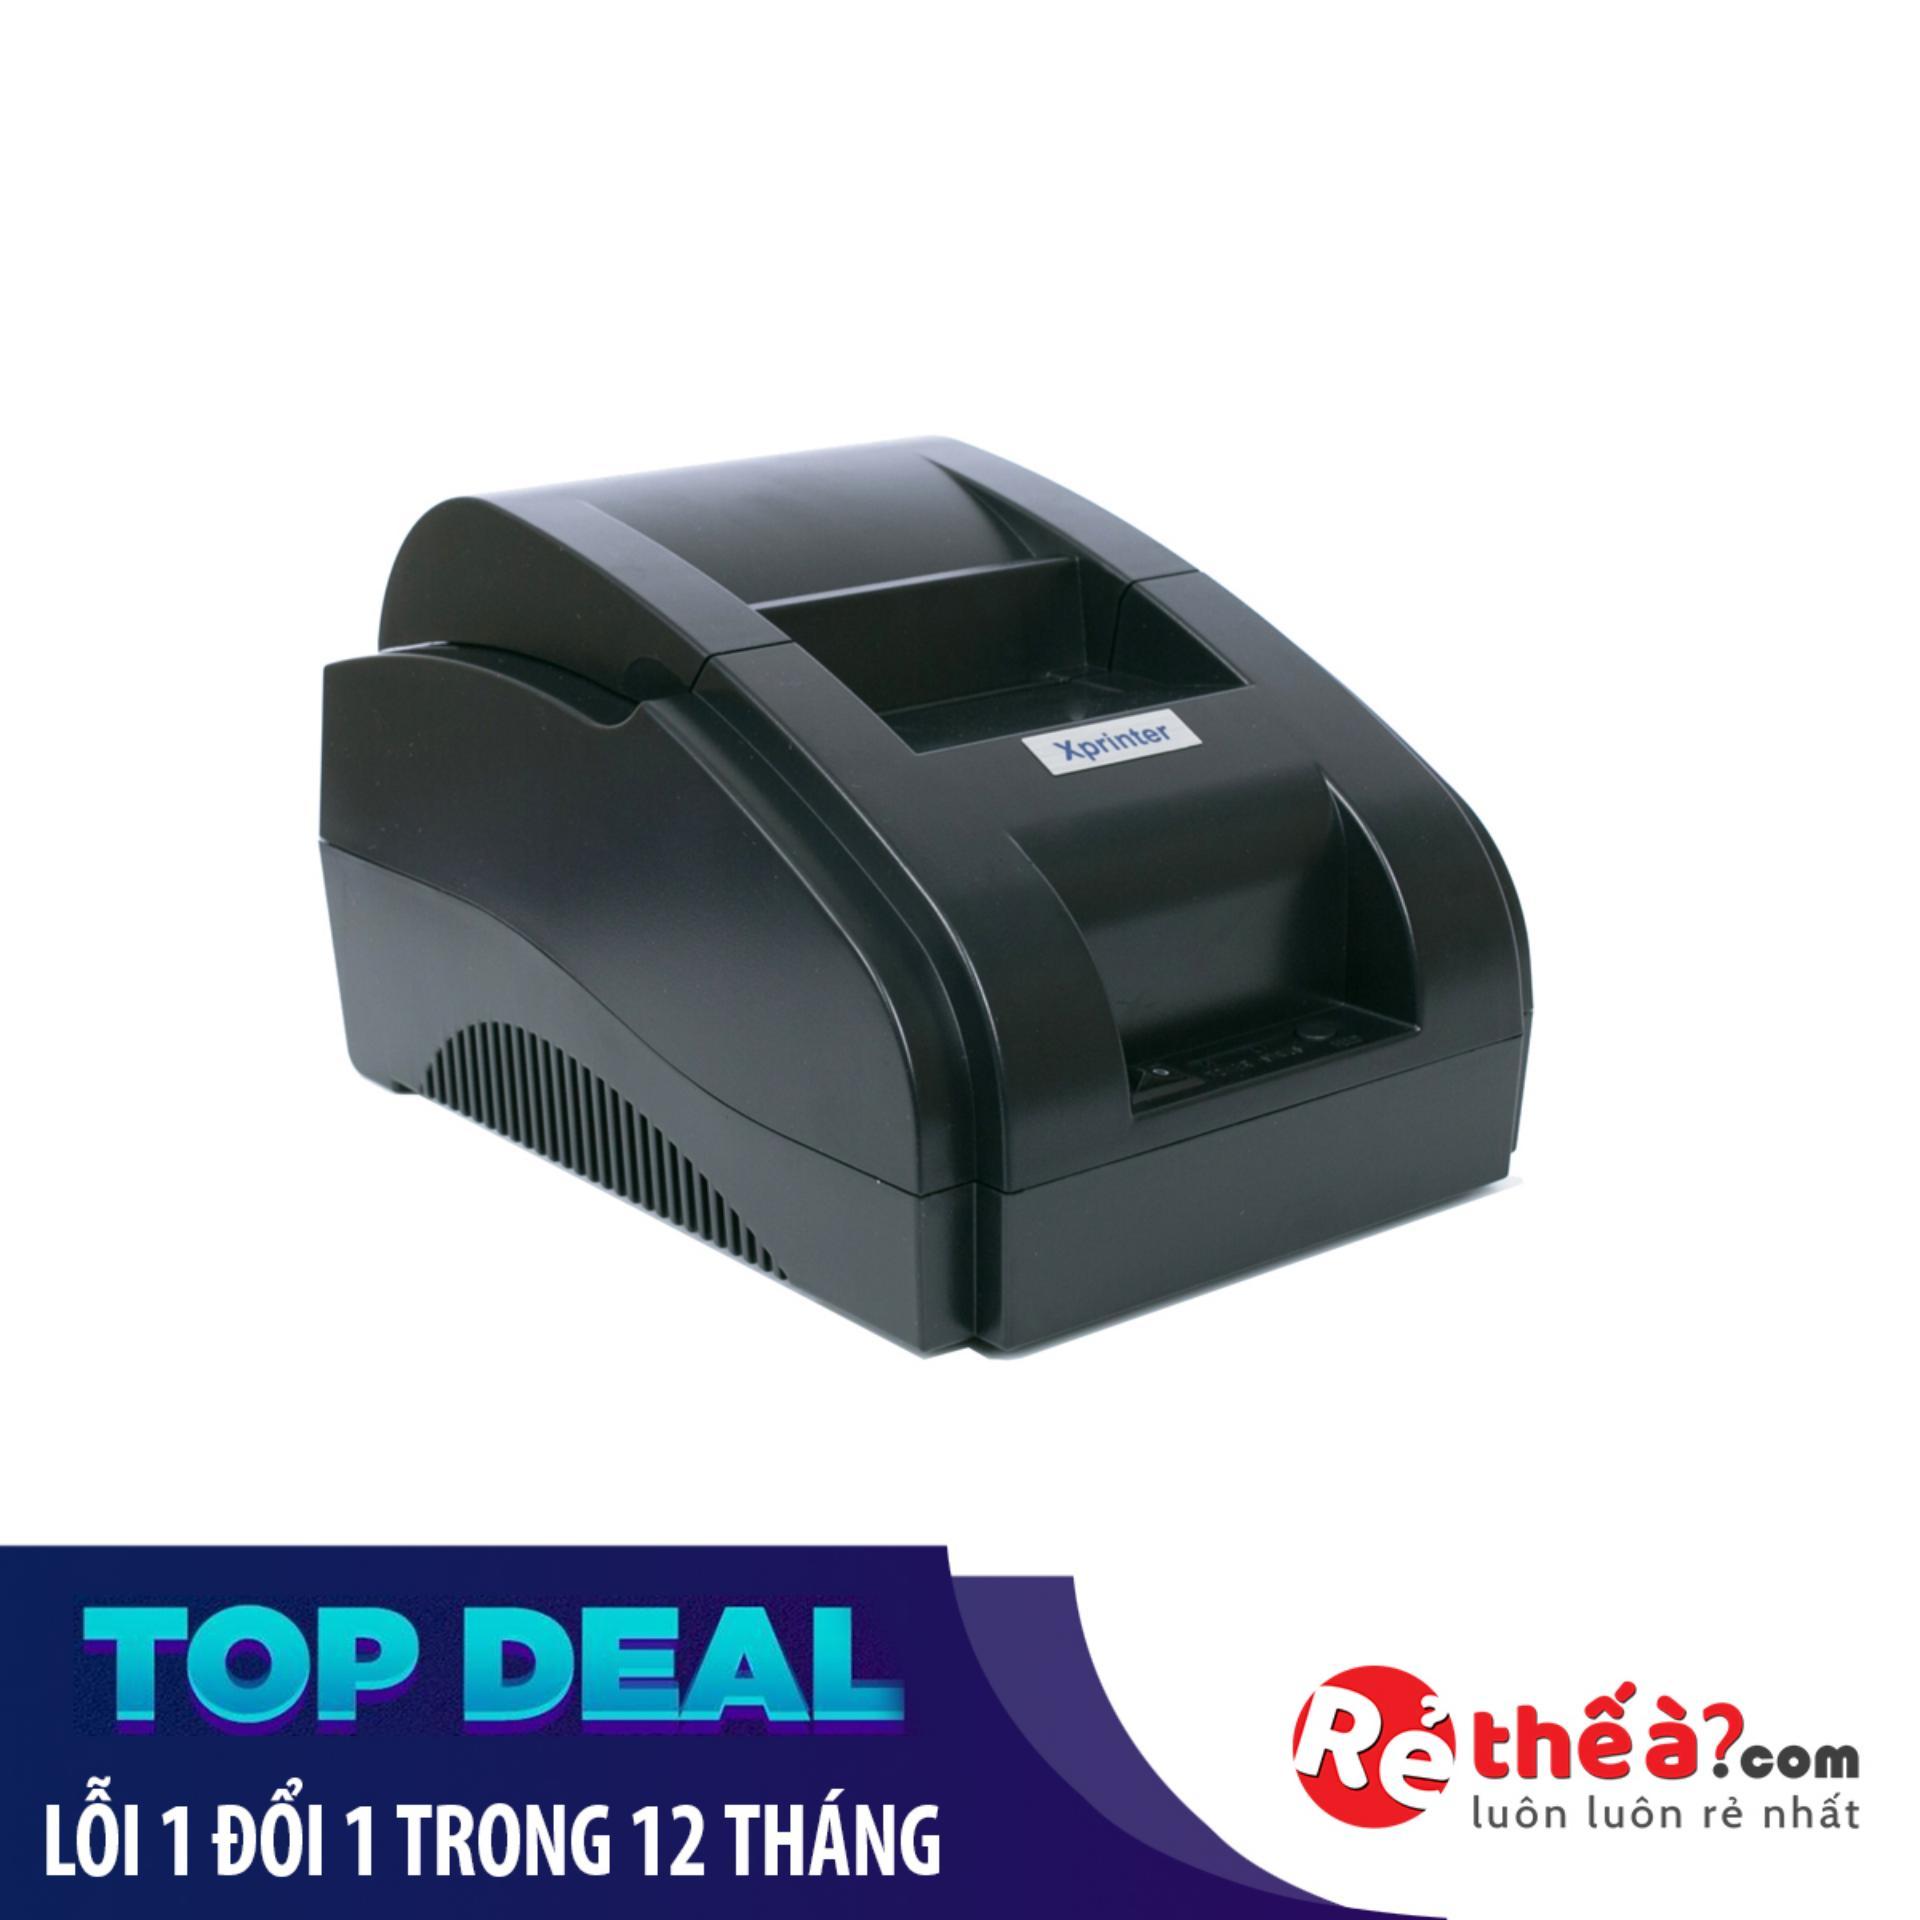 Nên mua Máy in hóa đơn XPRINTER 58IIH- Hàng Nhập Khẩu- Tặng 5 cuộn giấy ở Rẻ thế à